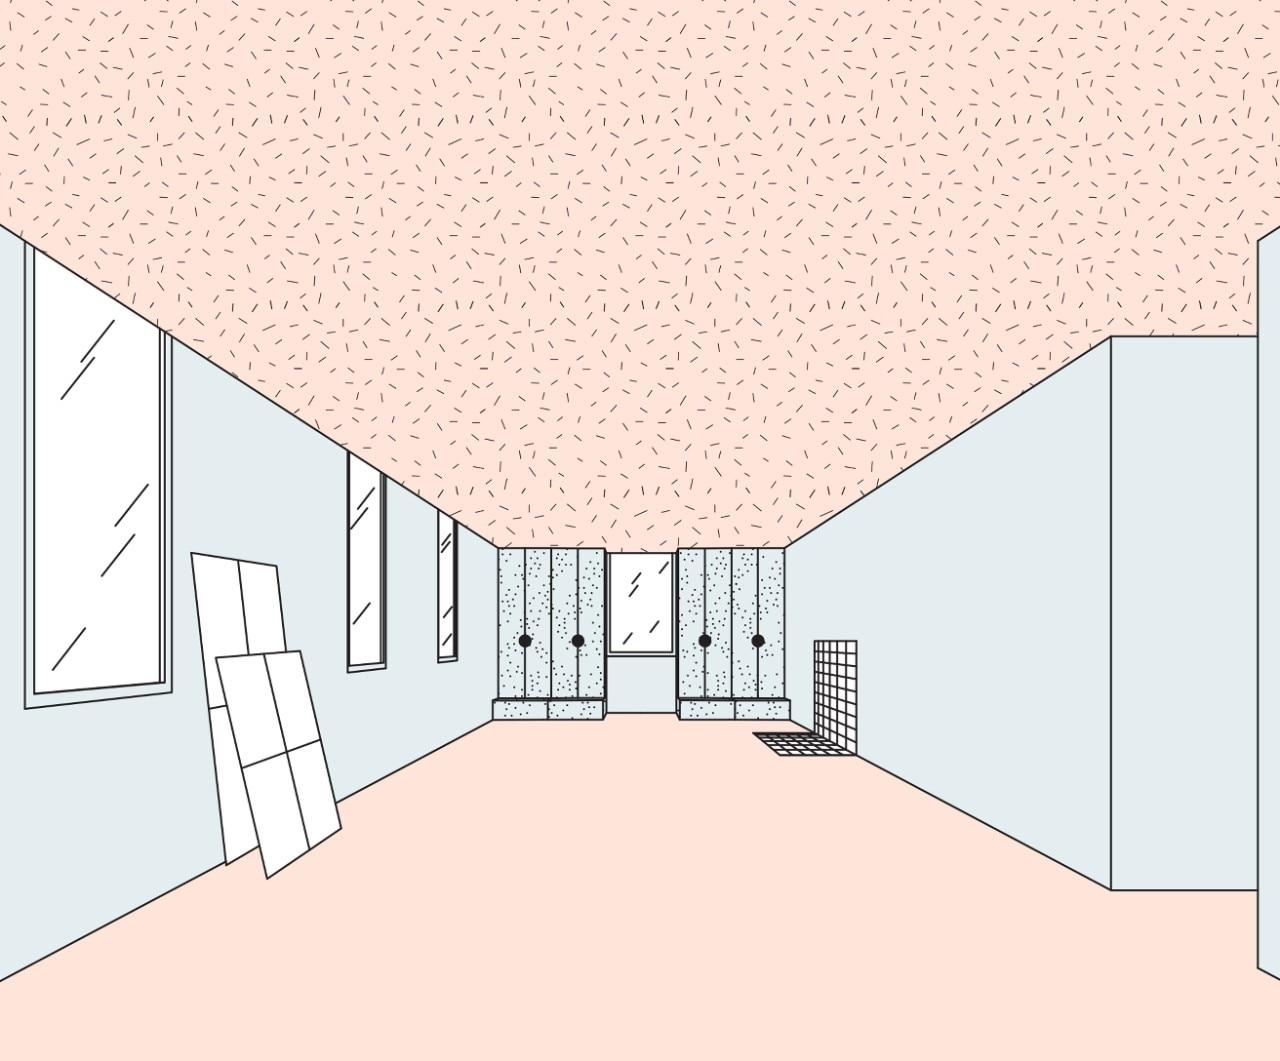 jean beno t v tillard visioni possibili per il progetto d interni domus. Black Bedroom Furniture Sets. Home Design Ideas